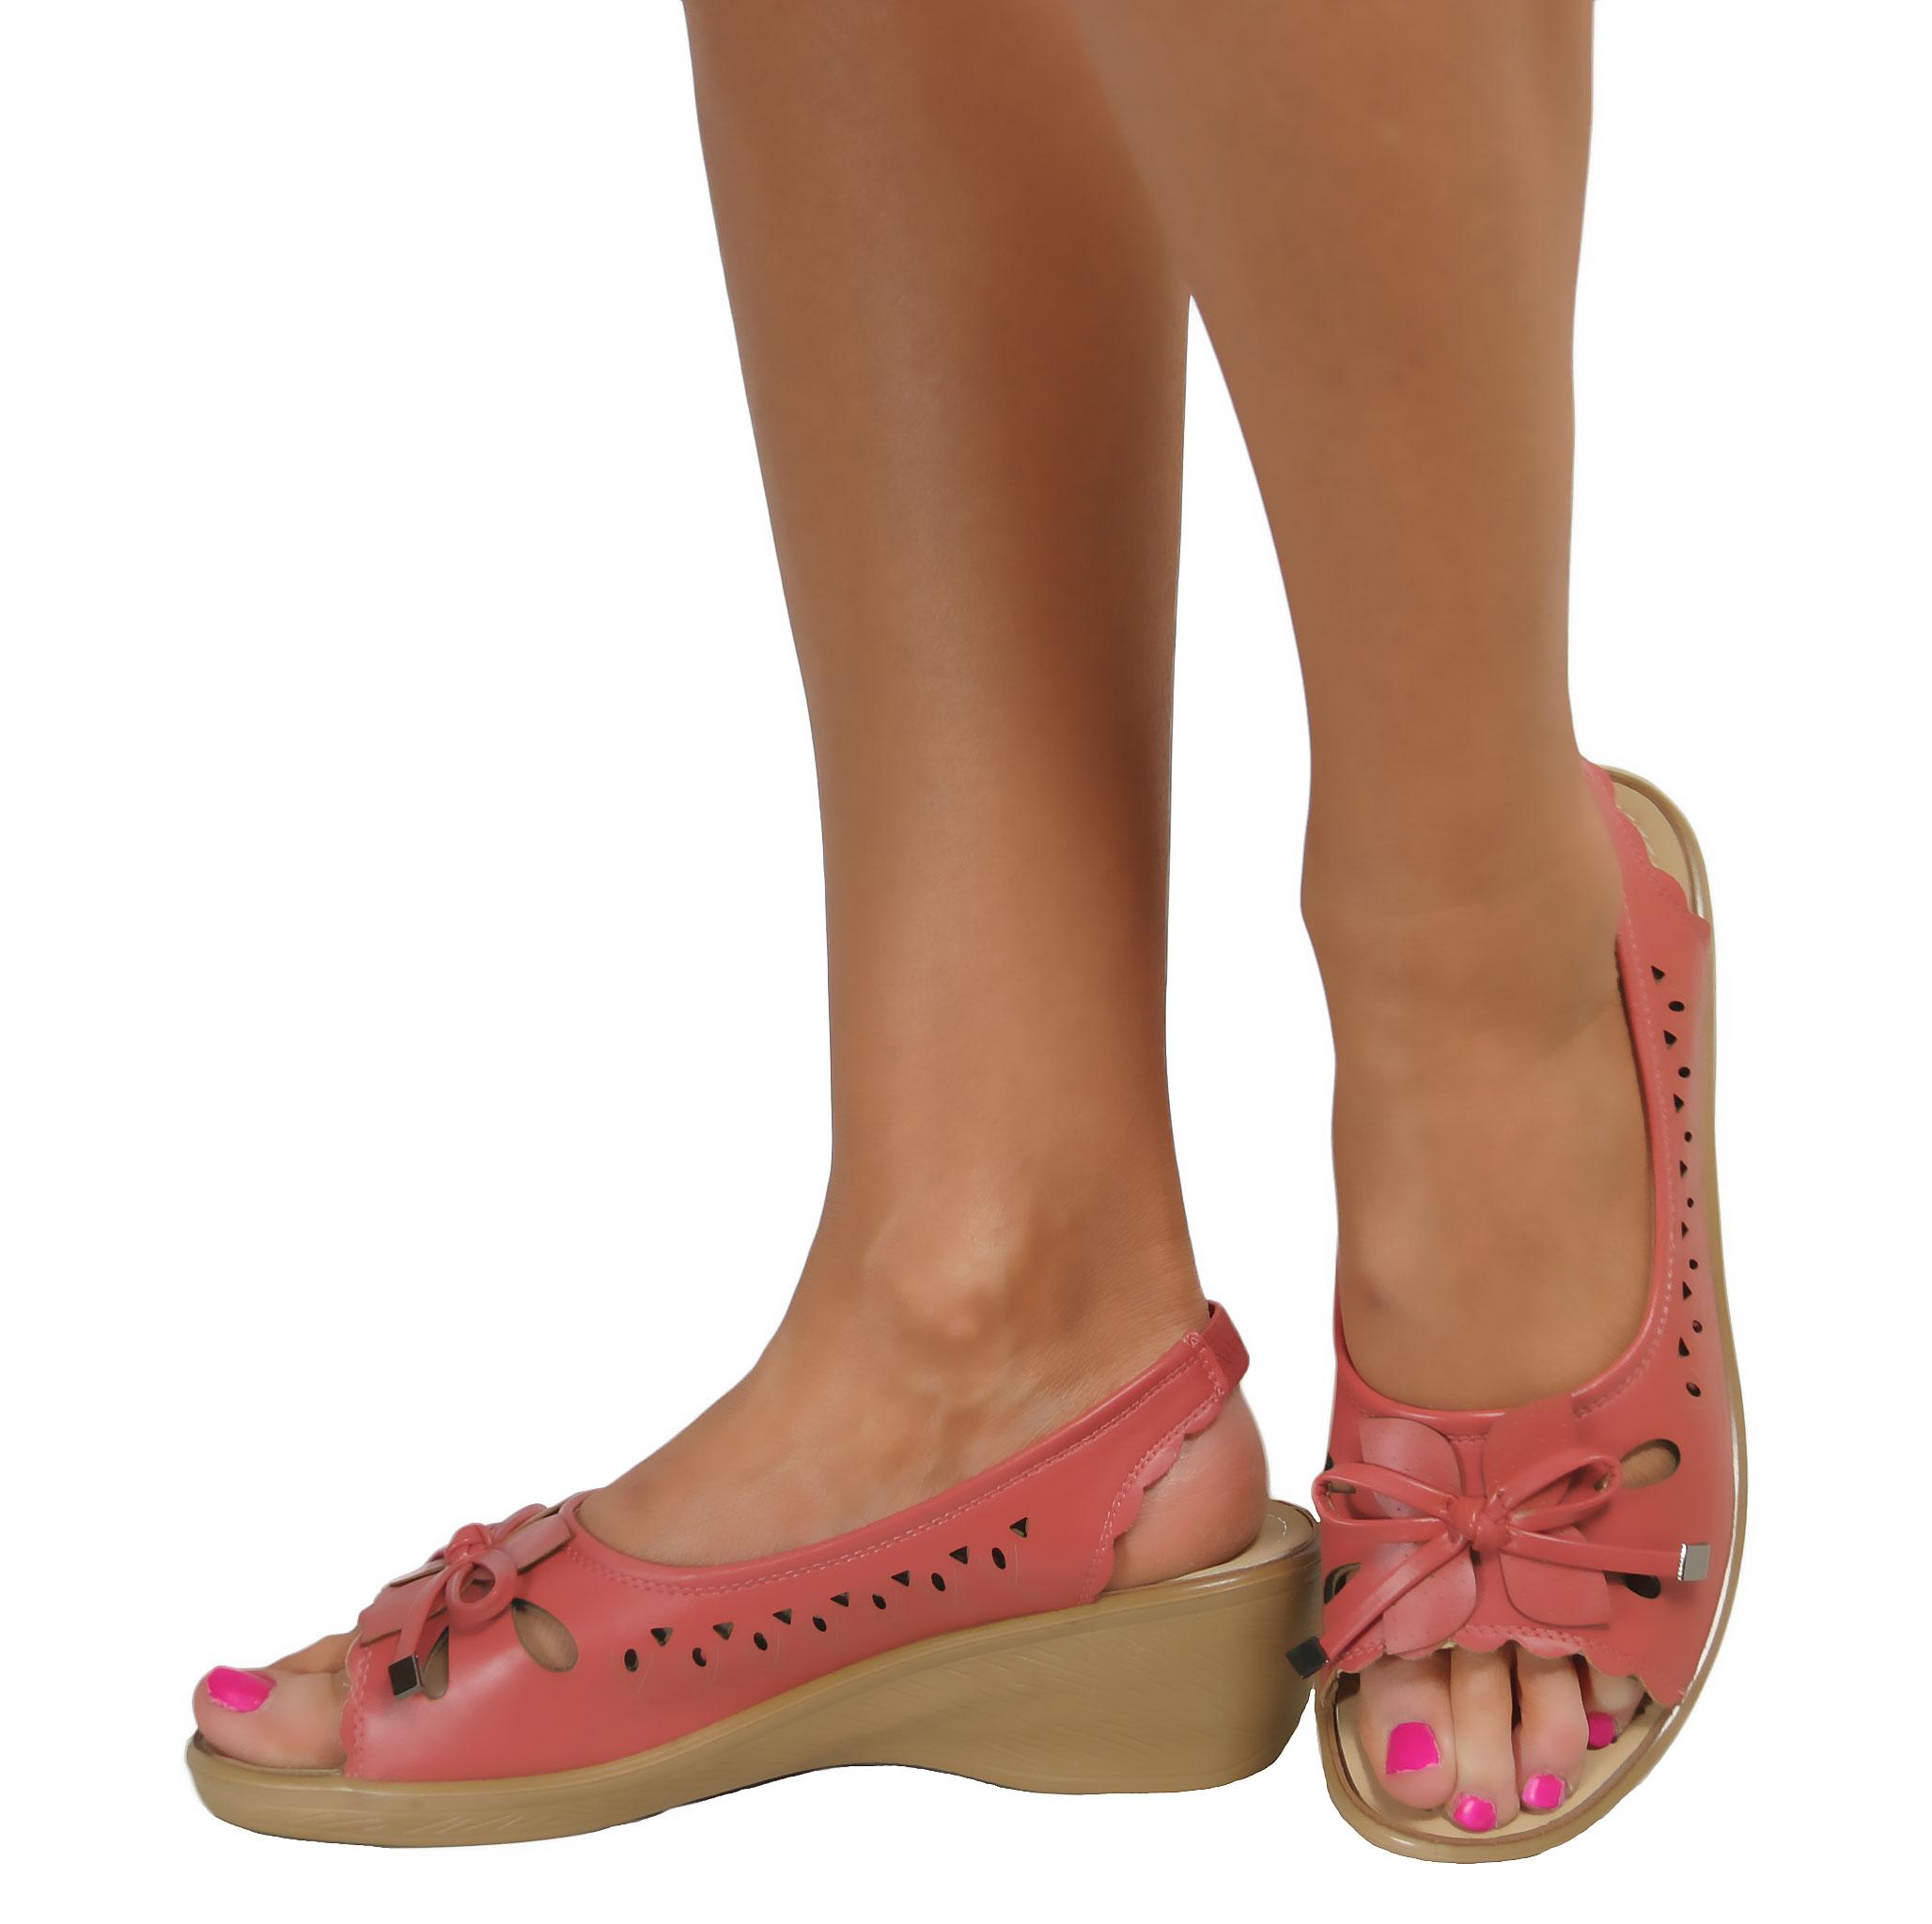 Ladies Low Wedge Heel Peep Toe Wide Fit Comfy Casual ...